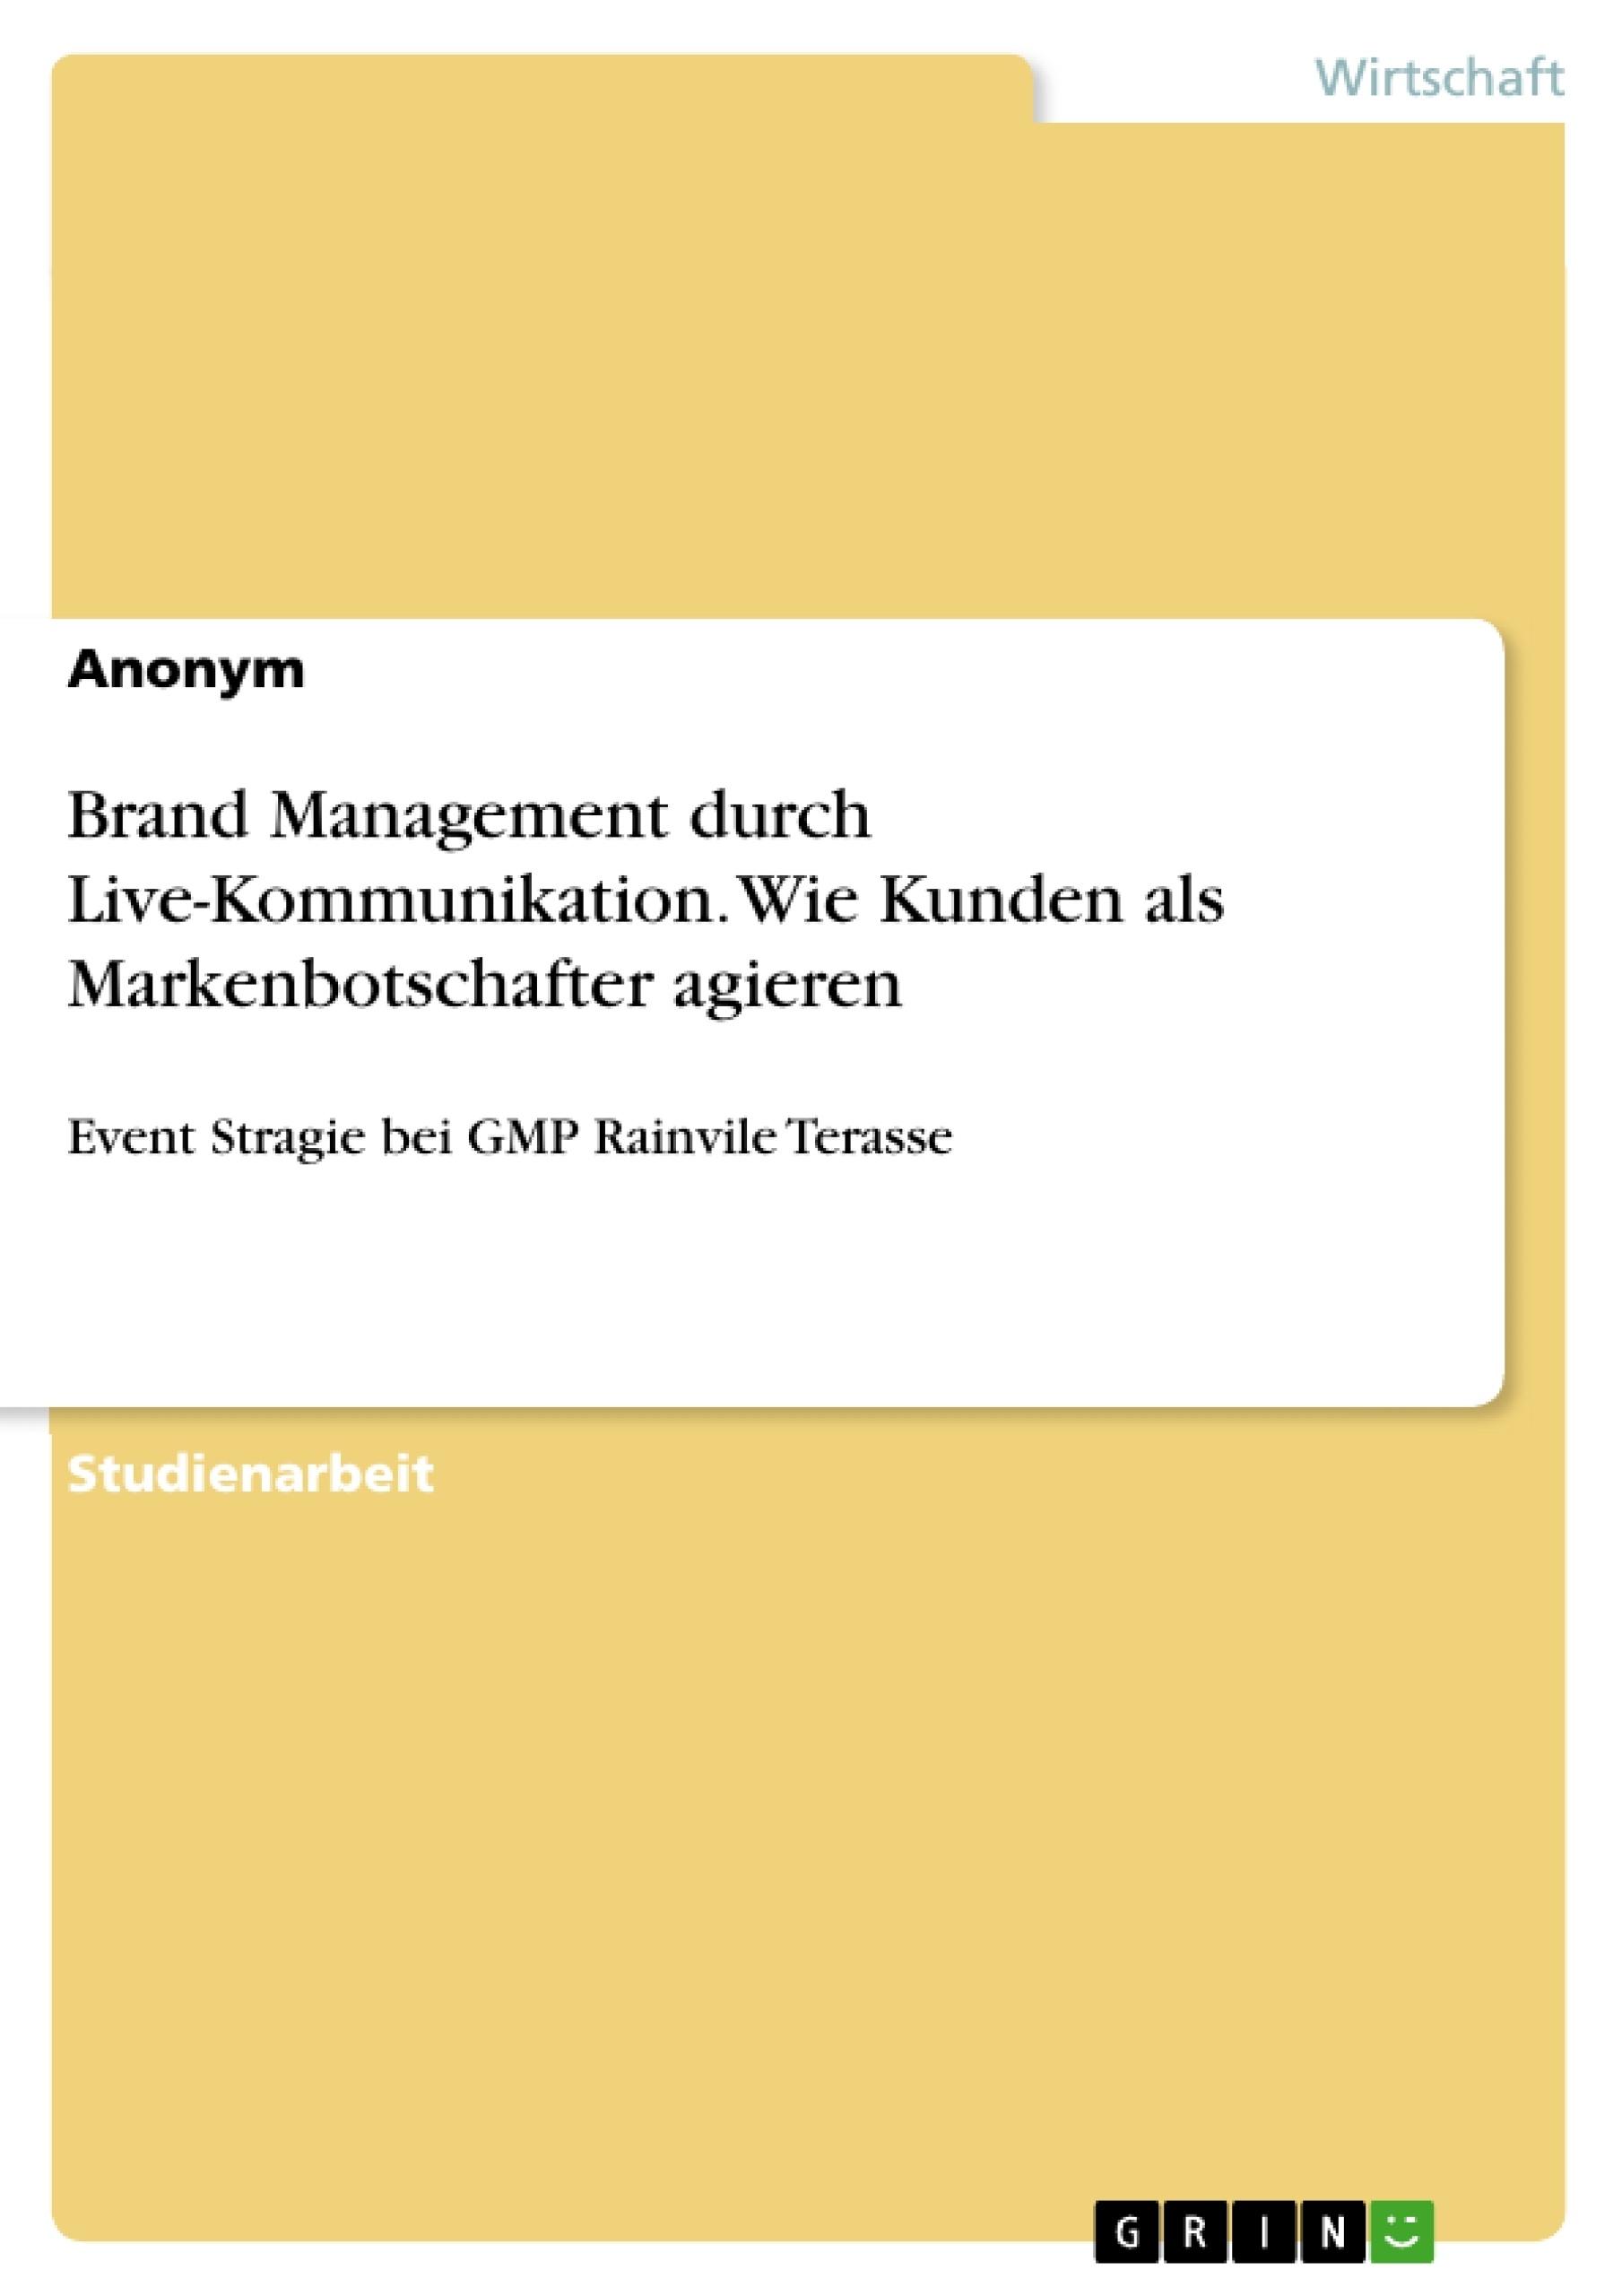 Titel: Brand Management durch Live-Kommunikation. Wie Kunden als Markenbotschafter agieren